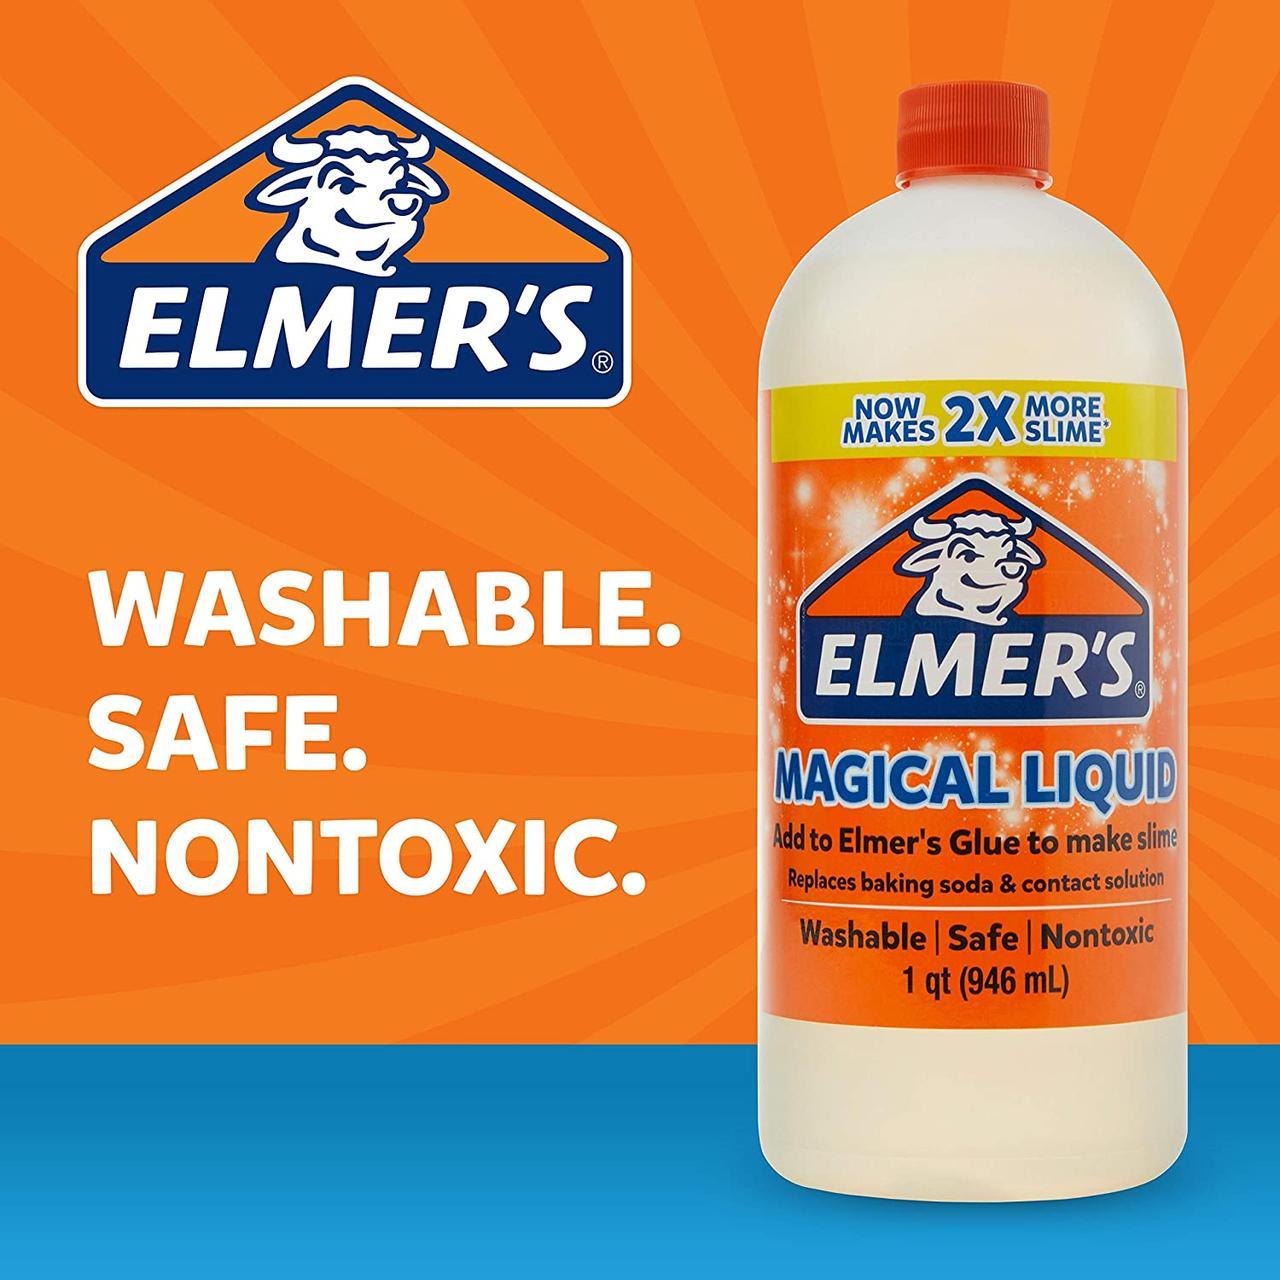 Активатор Элмерс, магическая жидкость для слаймов, 946мл. Elmer's Magical liquid. Оригинал из США